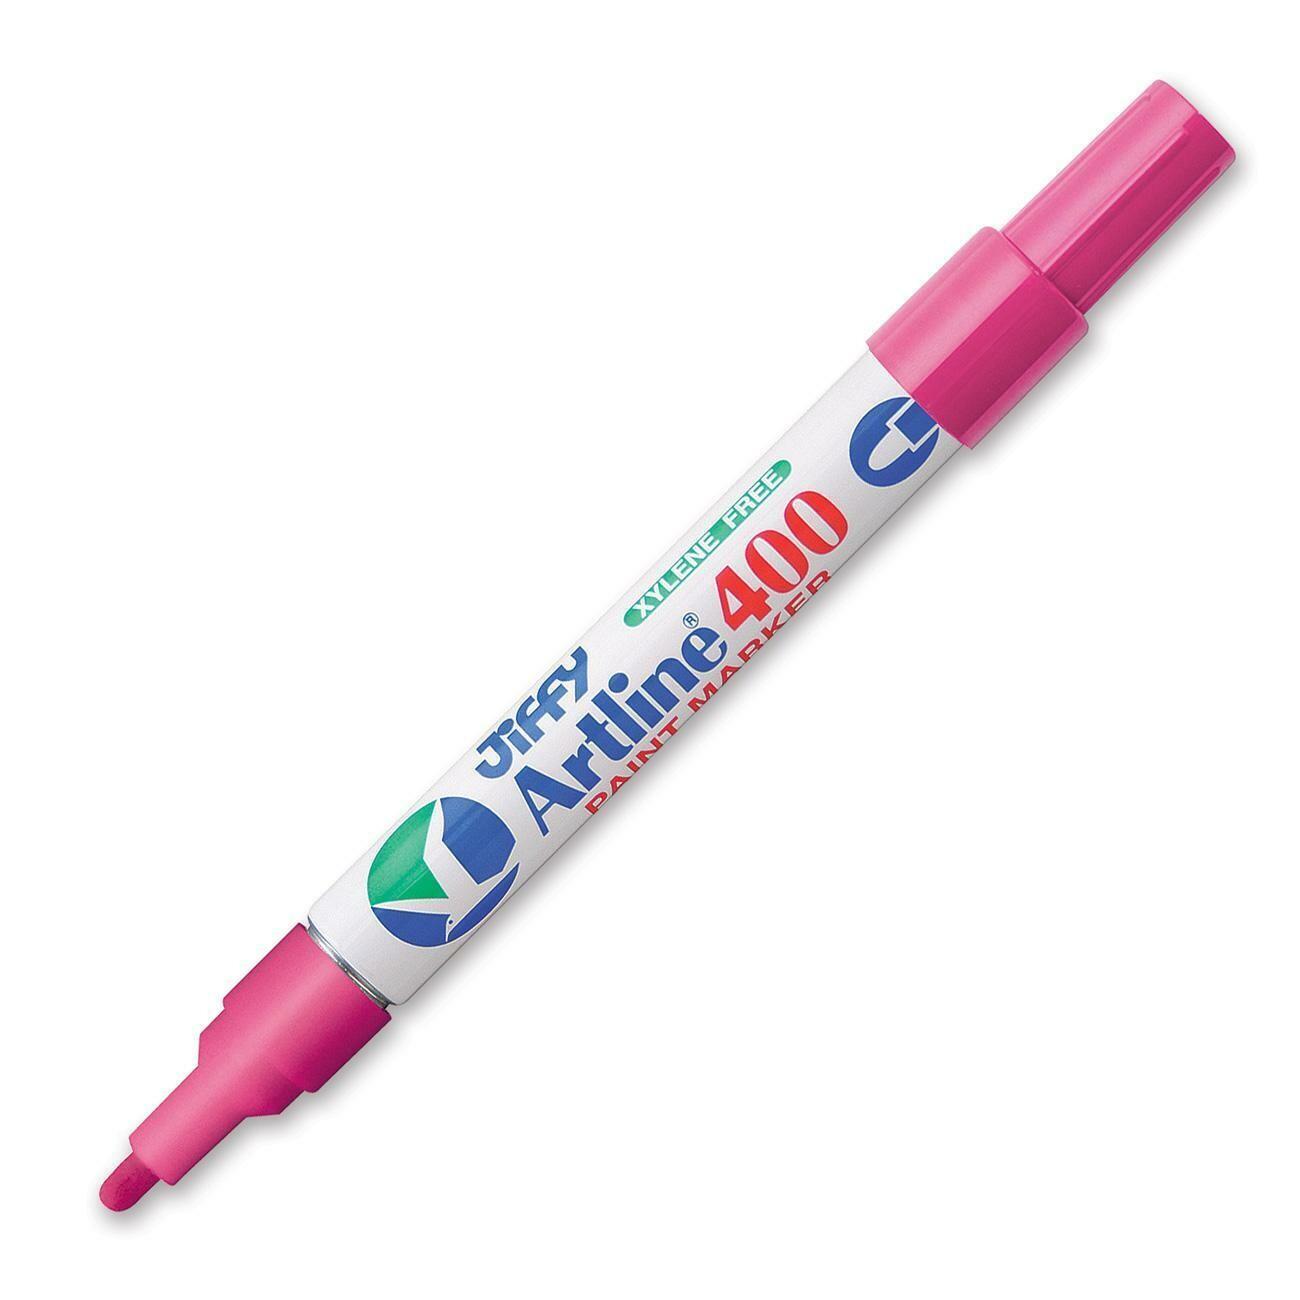 Marker, Jiffy, Paint Pink, 2.3 Mm, Single